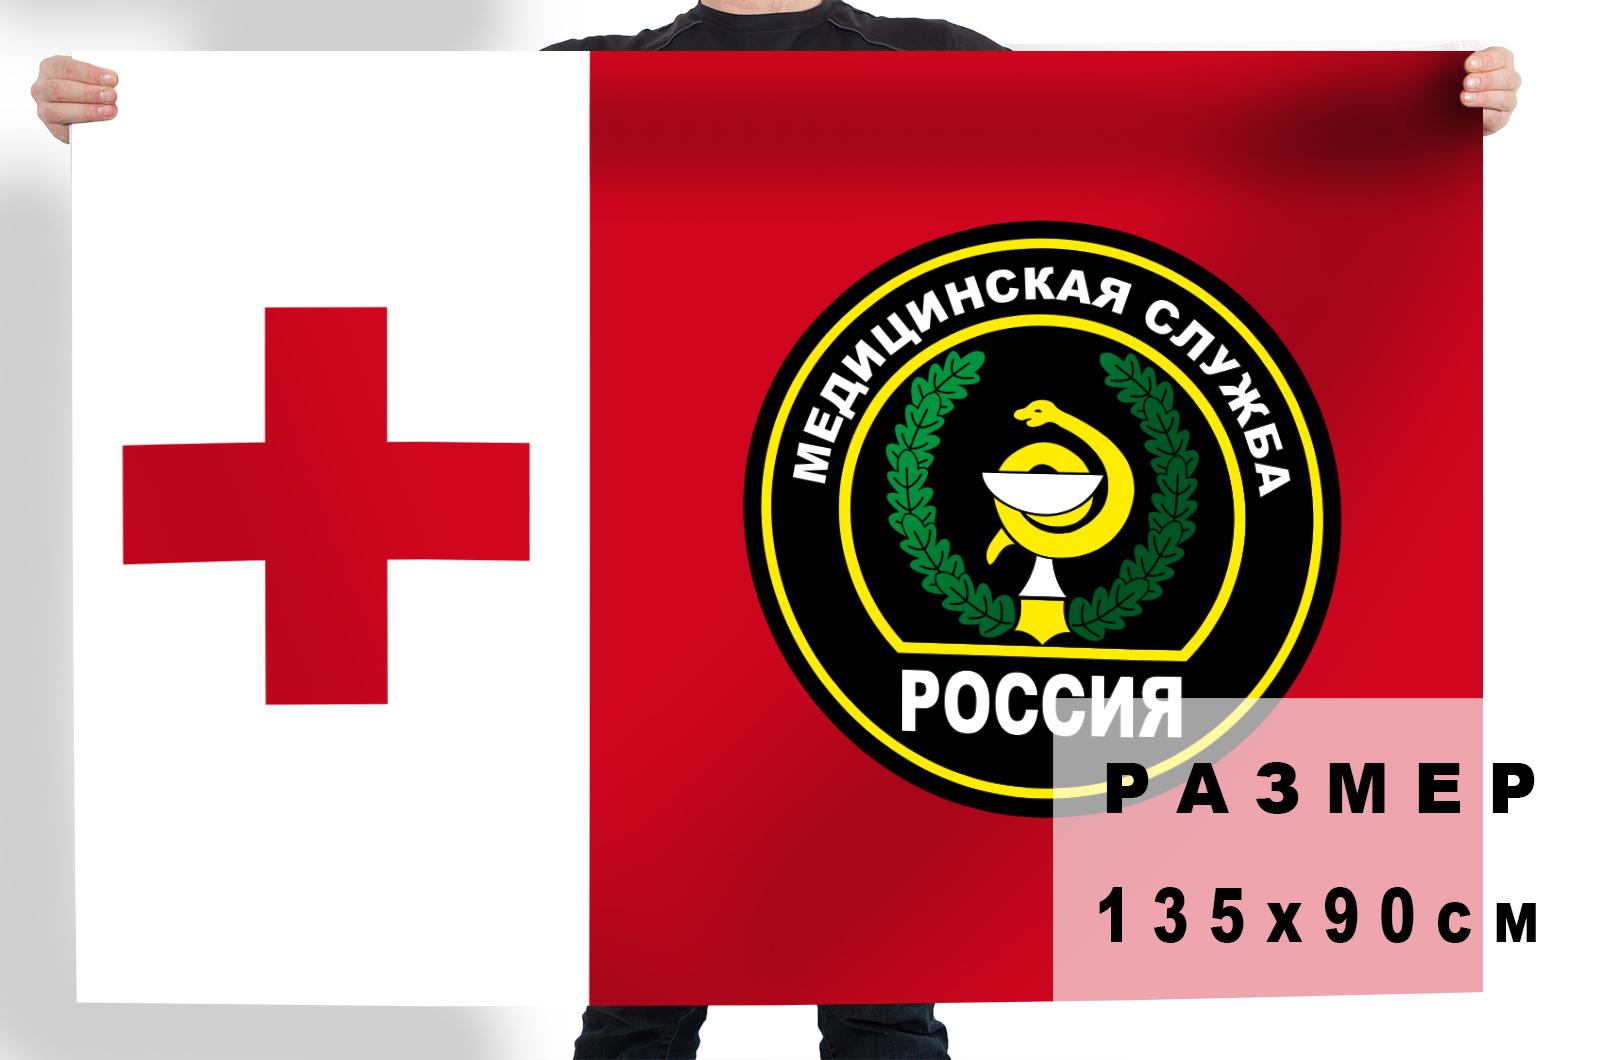 Заказать флаг Медицинской службы ВС РФ по привлекательной цене